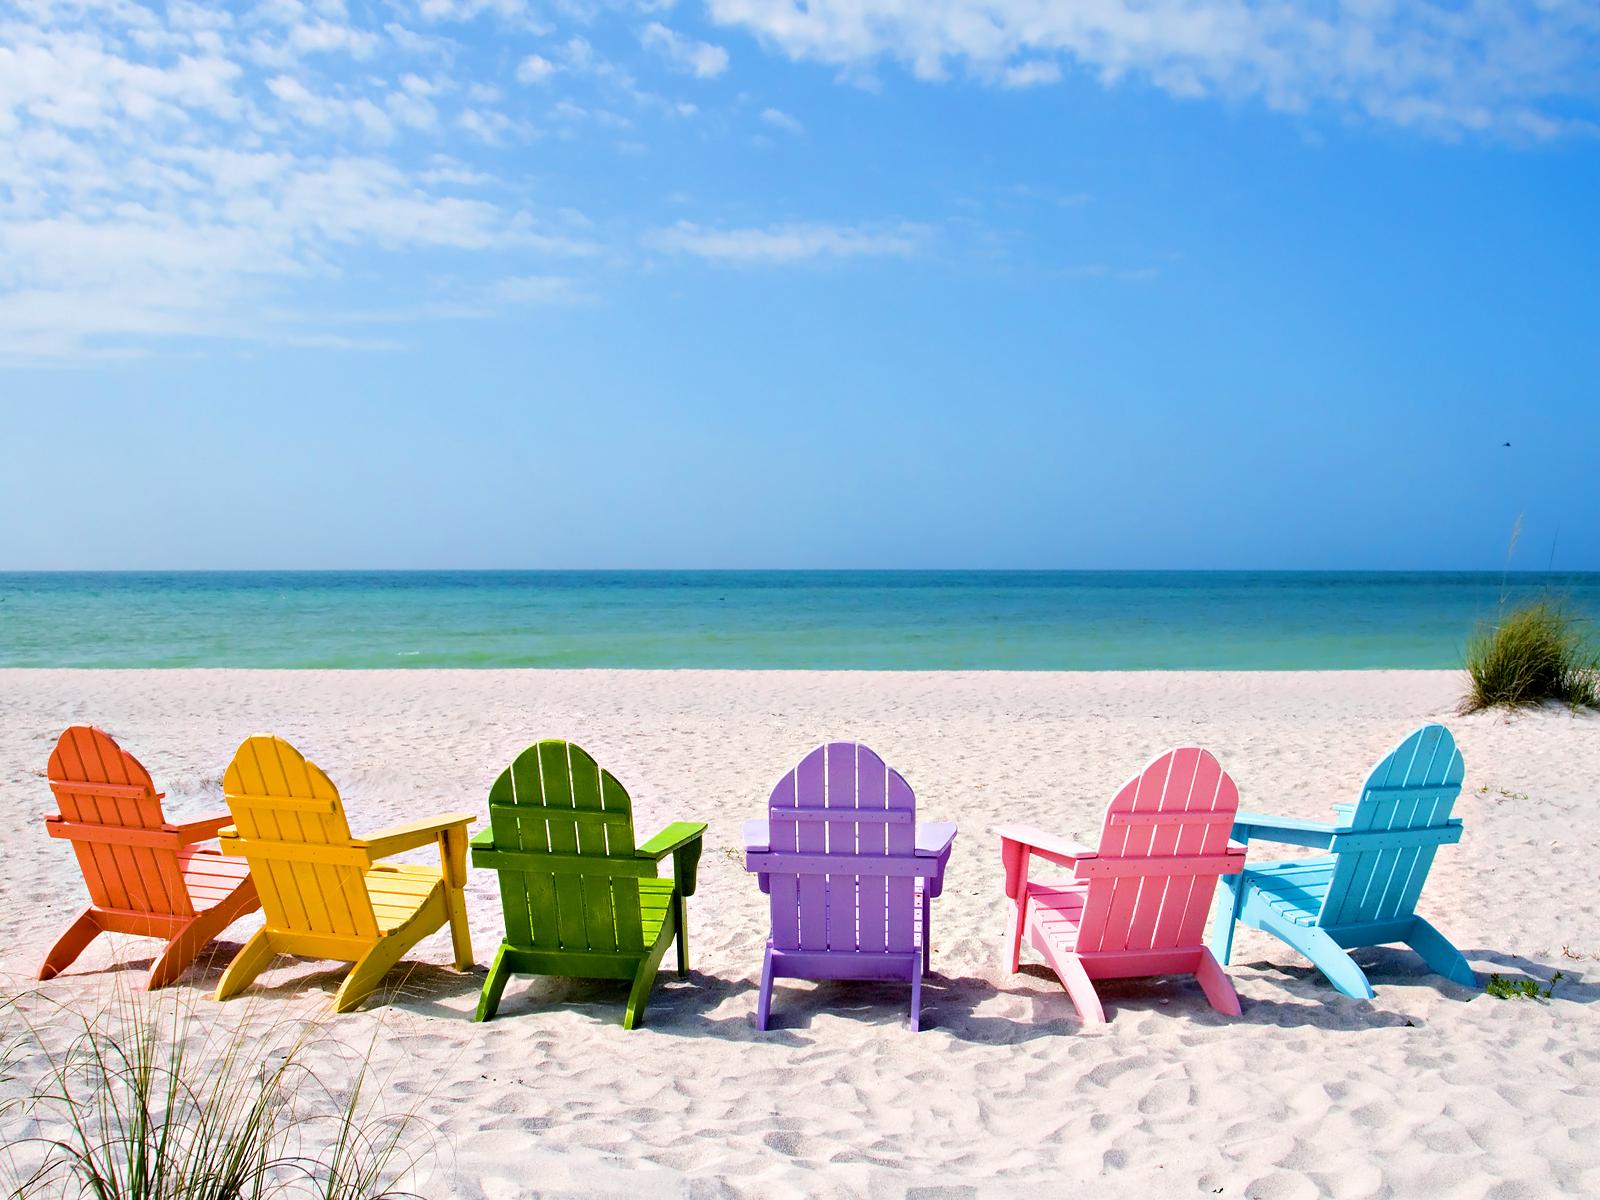 ჰურგადა/ თქვენი დაუვიწყარი დღეები მზიან სანაპიროზე